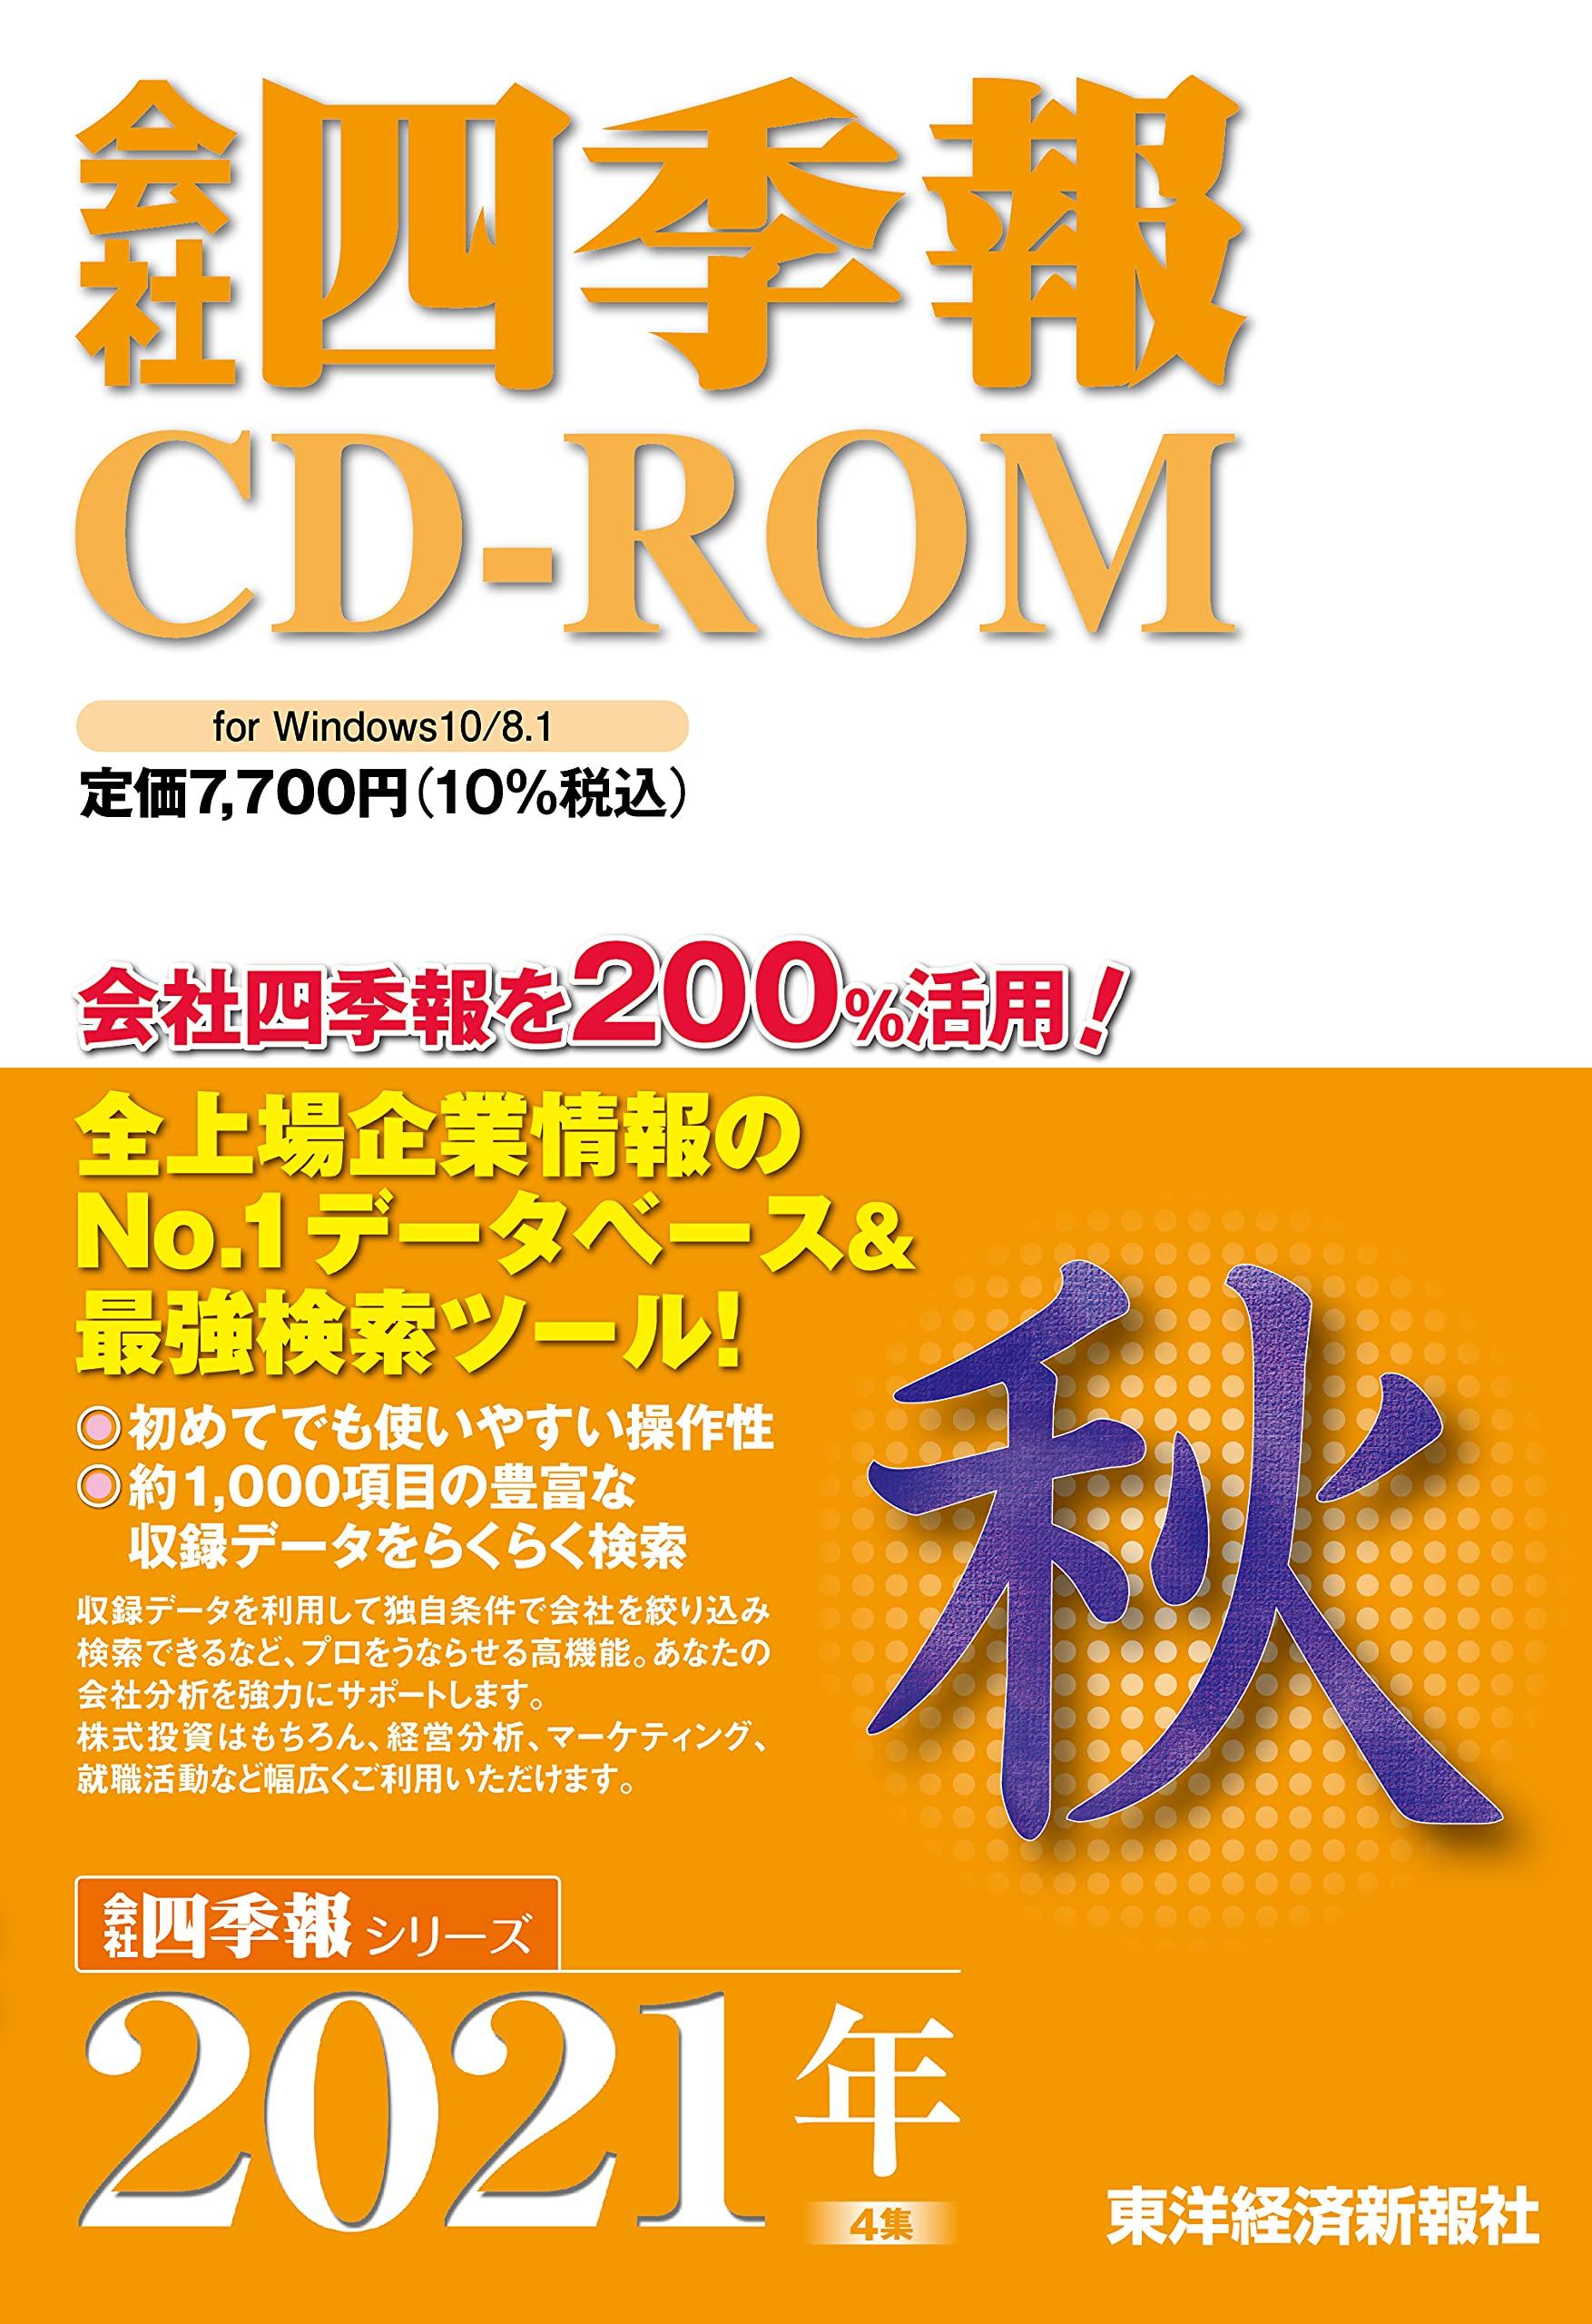 会社四季報CD-ROM2021年4集・秋号 (<CDーROM>(Win版))